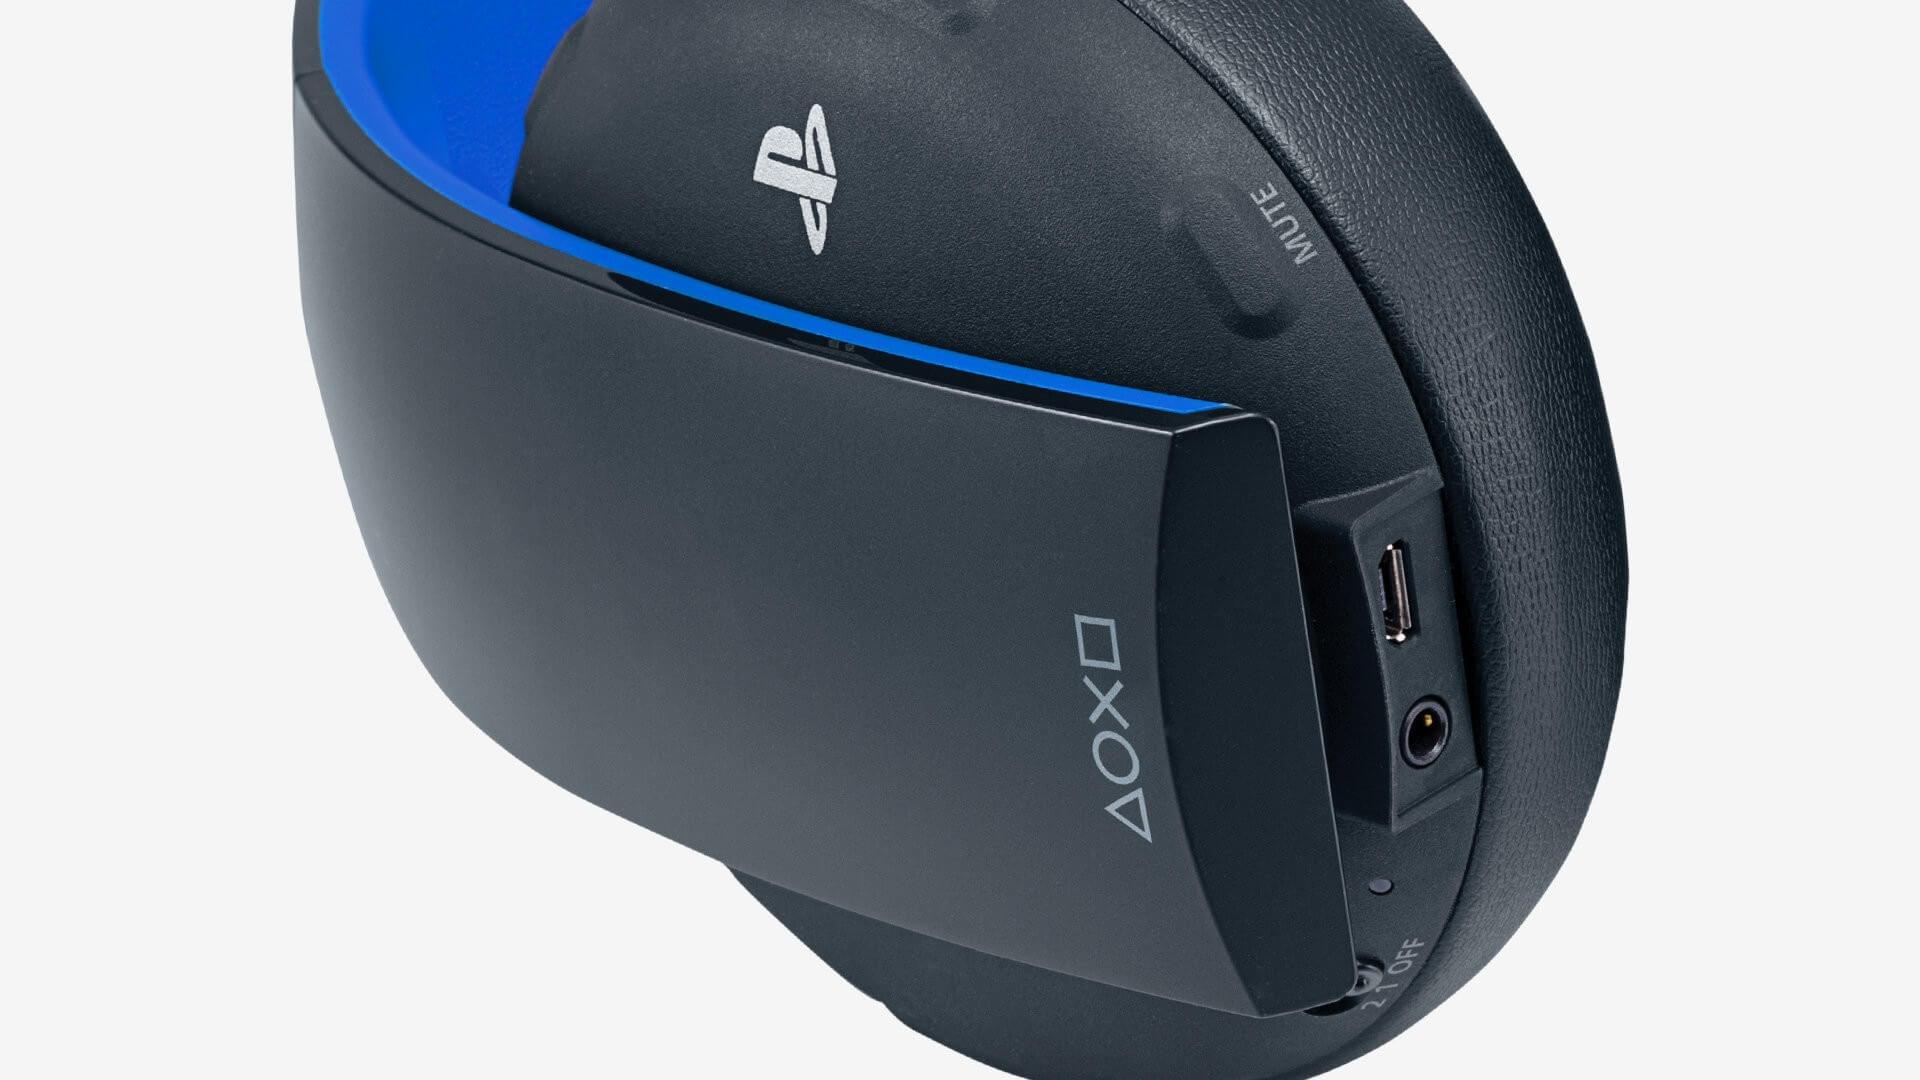 PS5 3D Sound